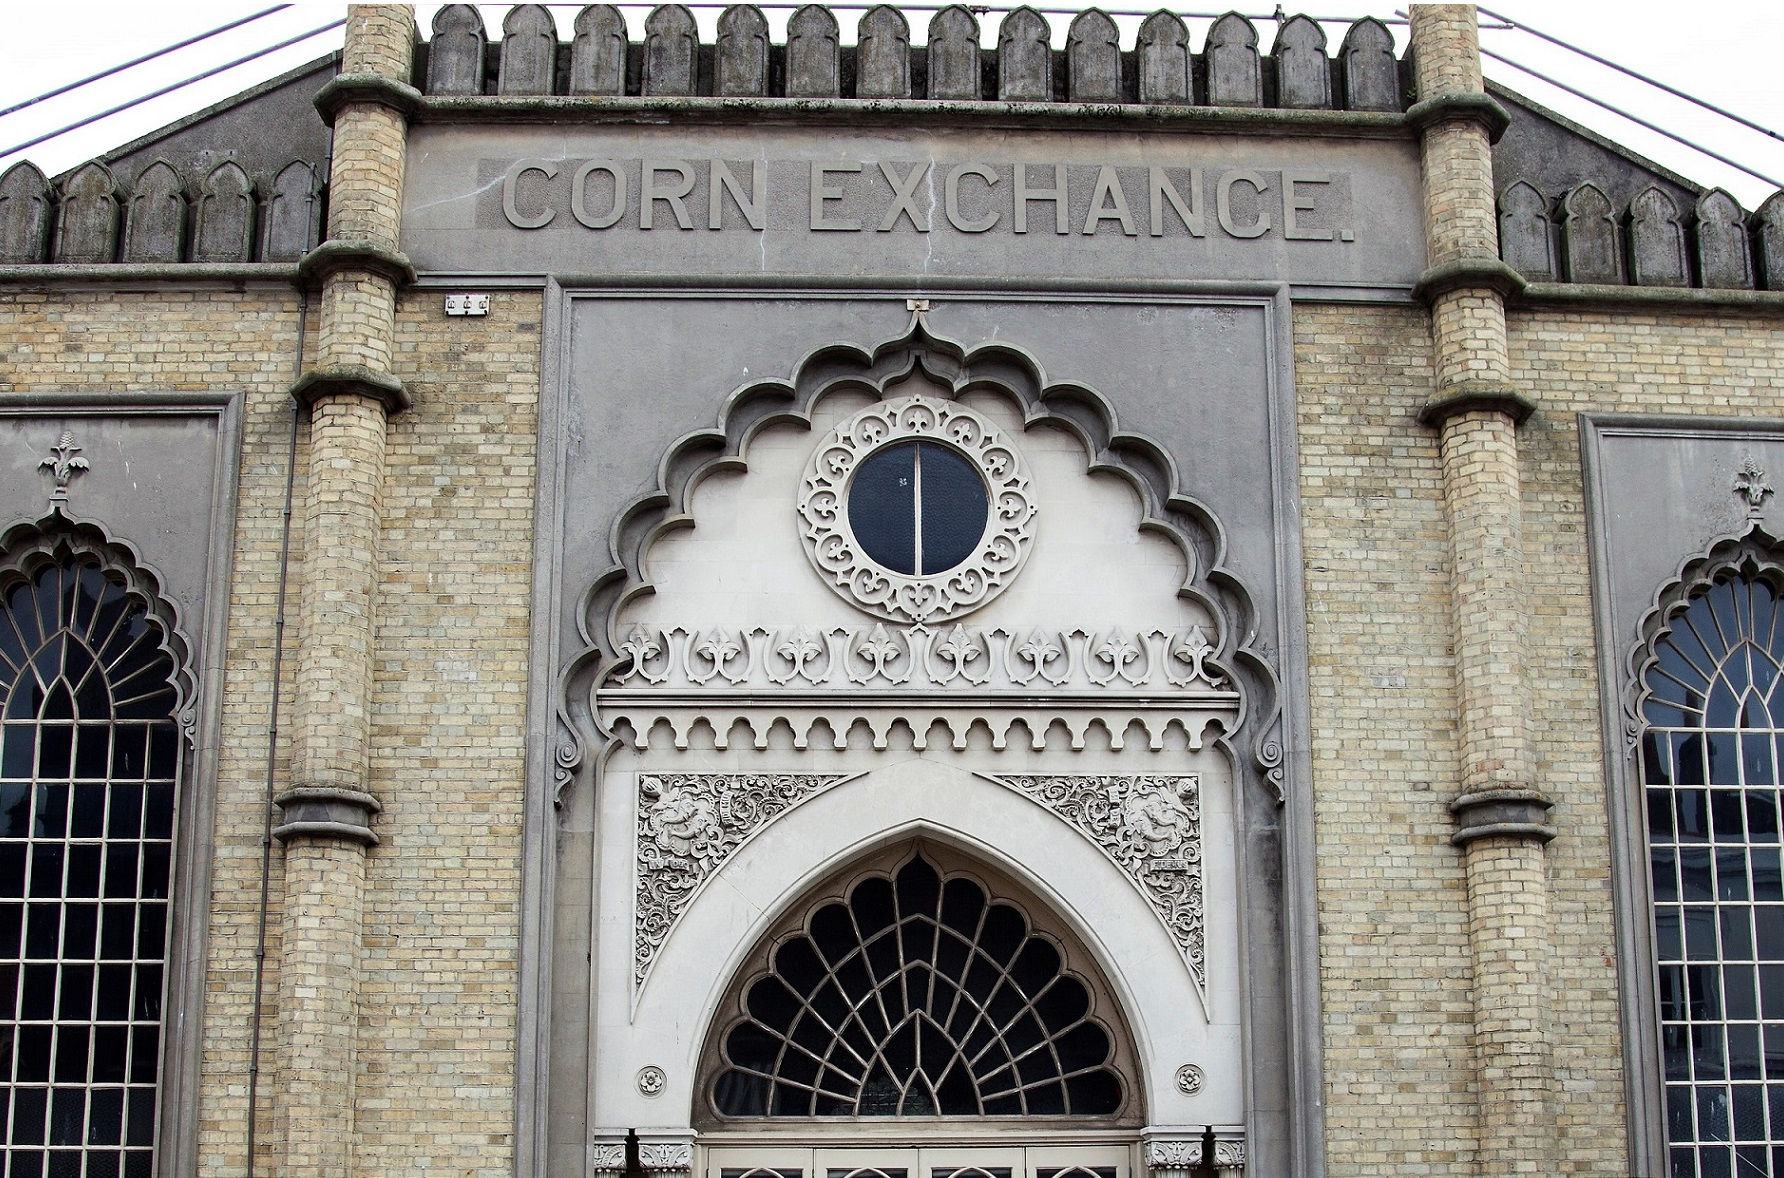 Brighton Corn Exchange